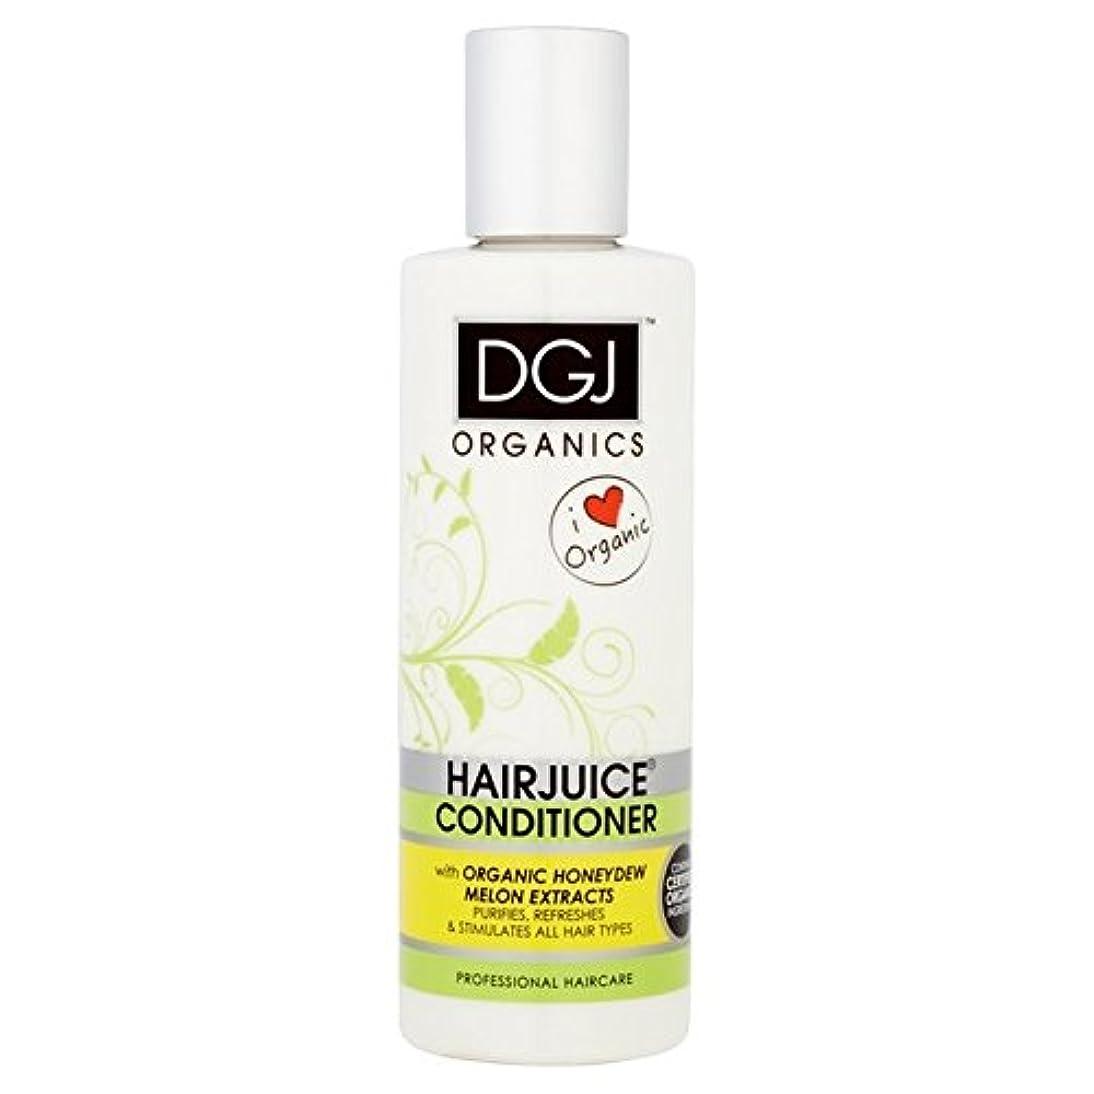 不透明な食料品店マトリックス有機メロンコンディショナー250 x4 - DGJ Organic Hairjuice Melon Conditioner 250ml (Pack of 4) [並行輸入品]